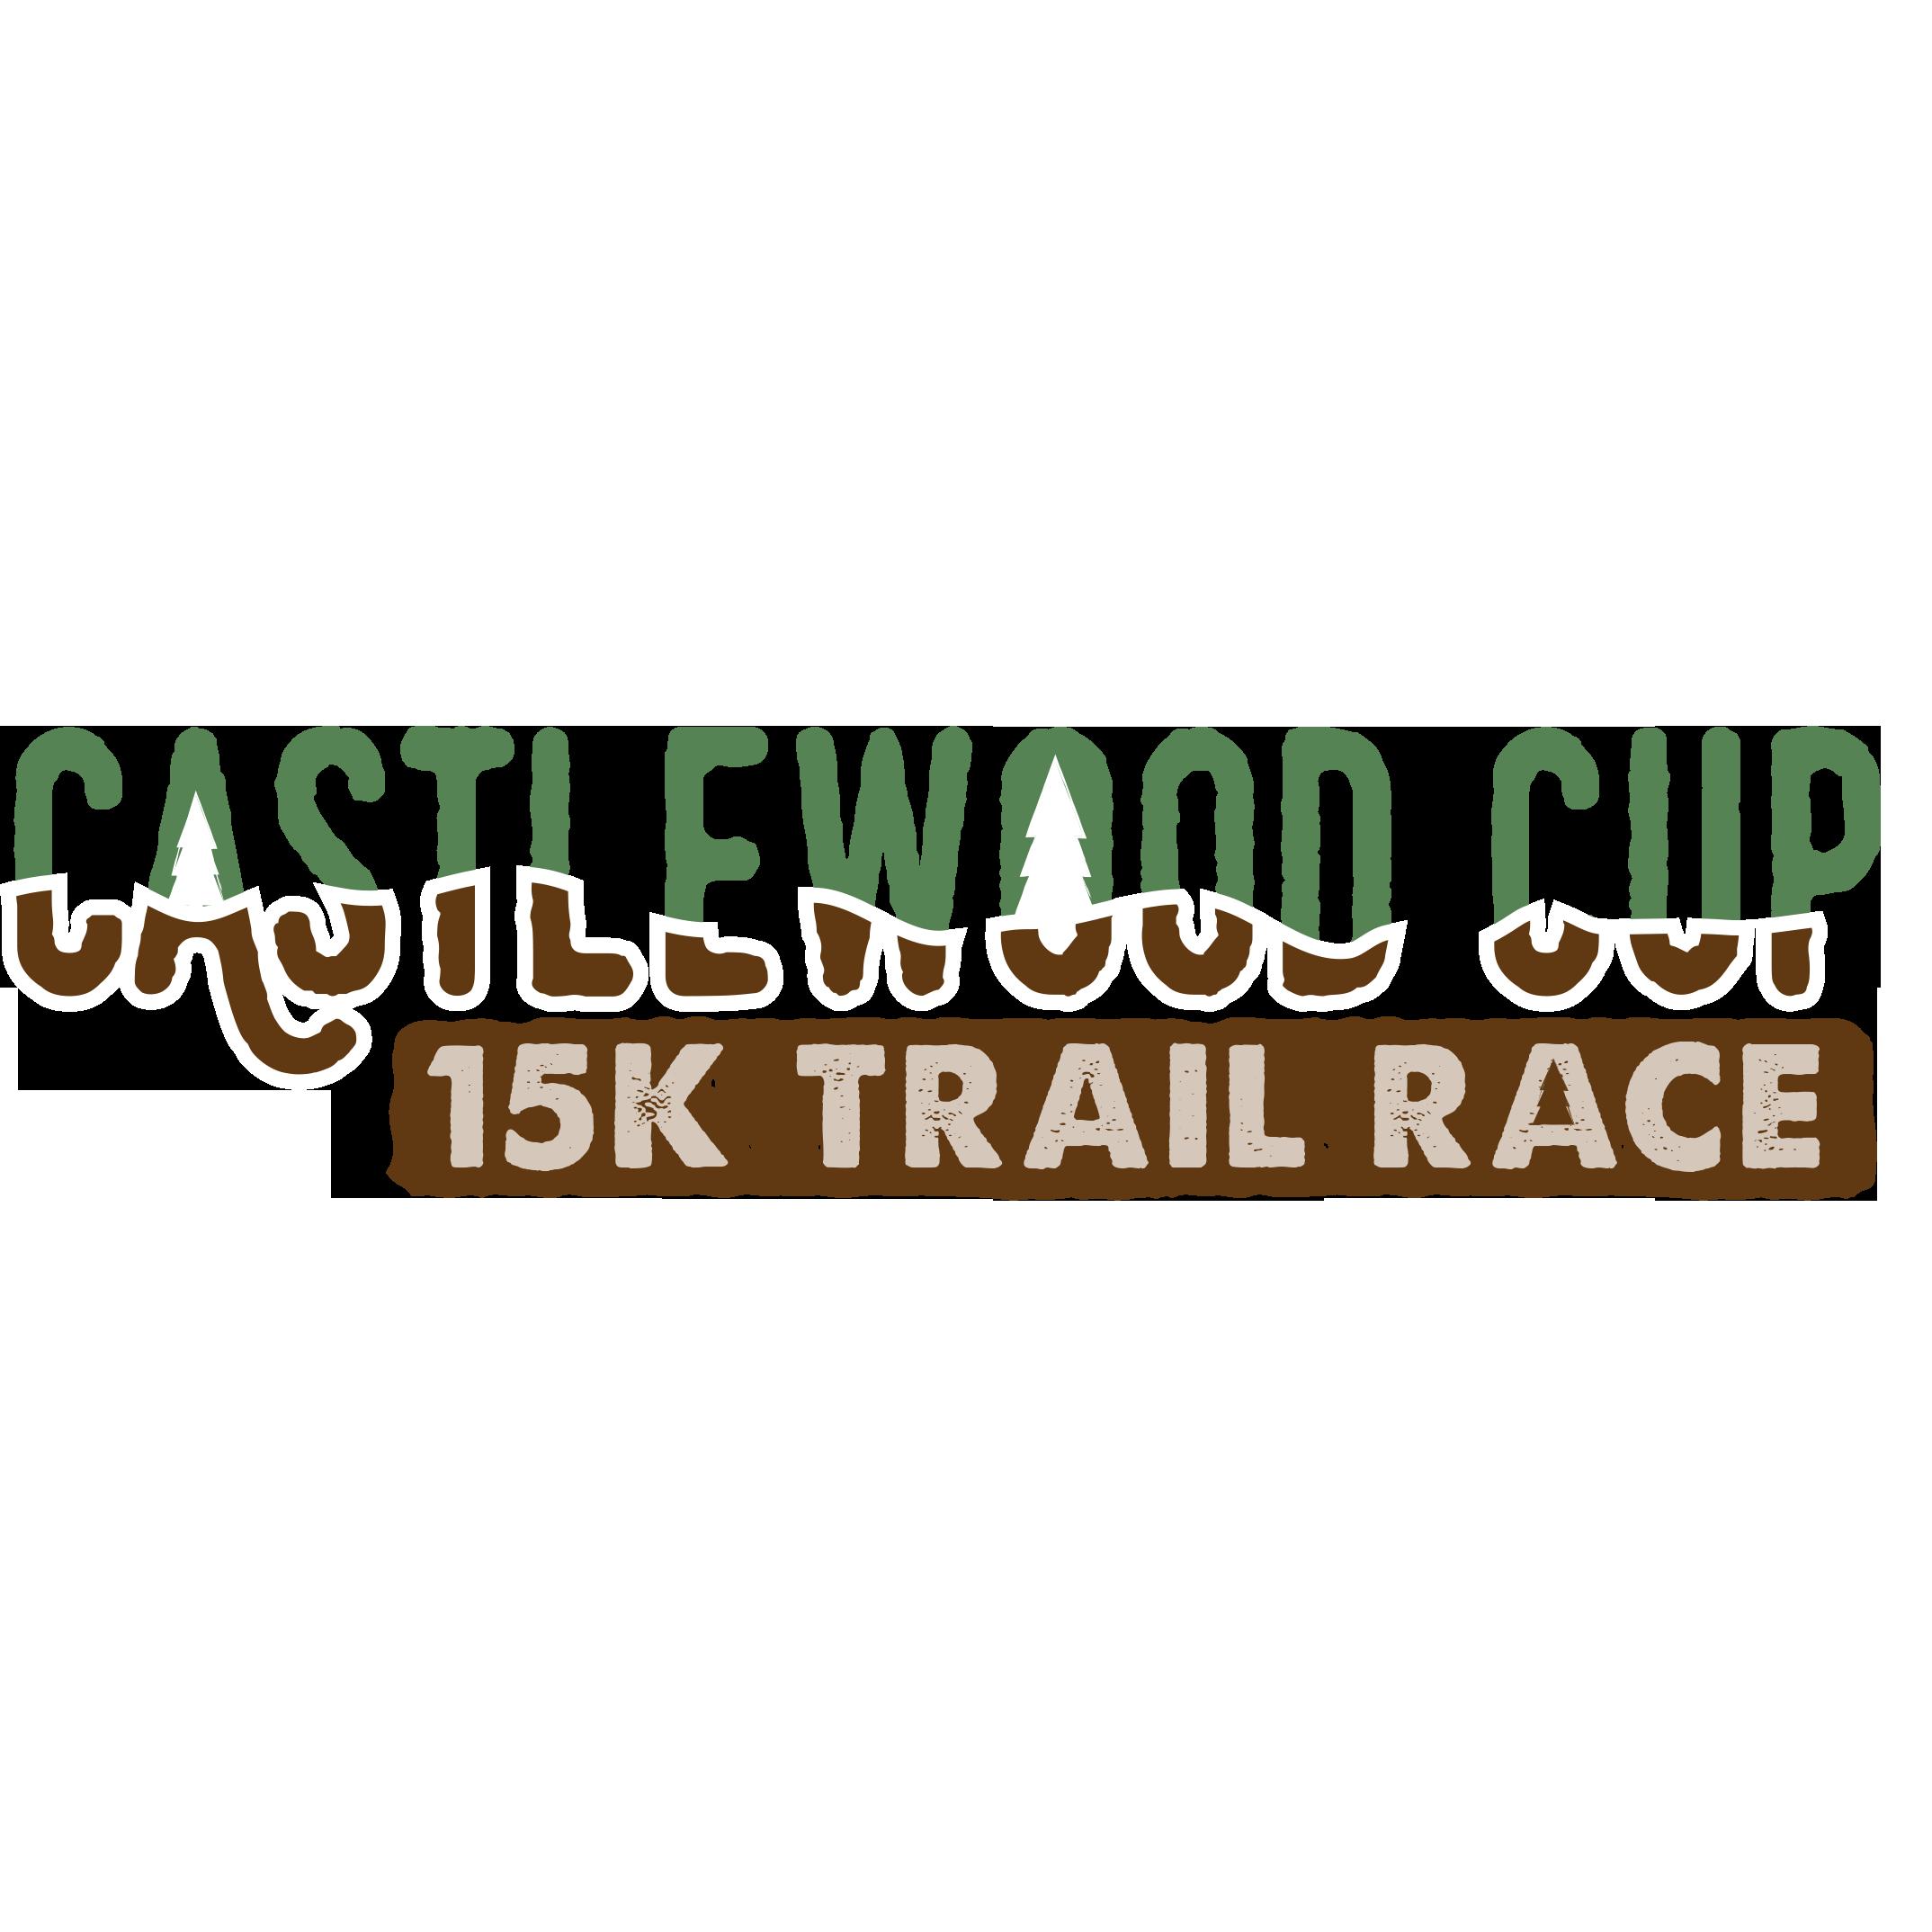 Castlewood Cup 15k Trail Race